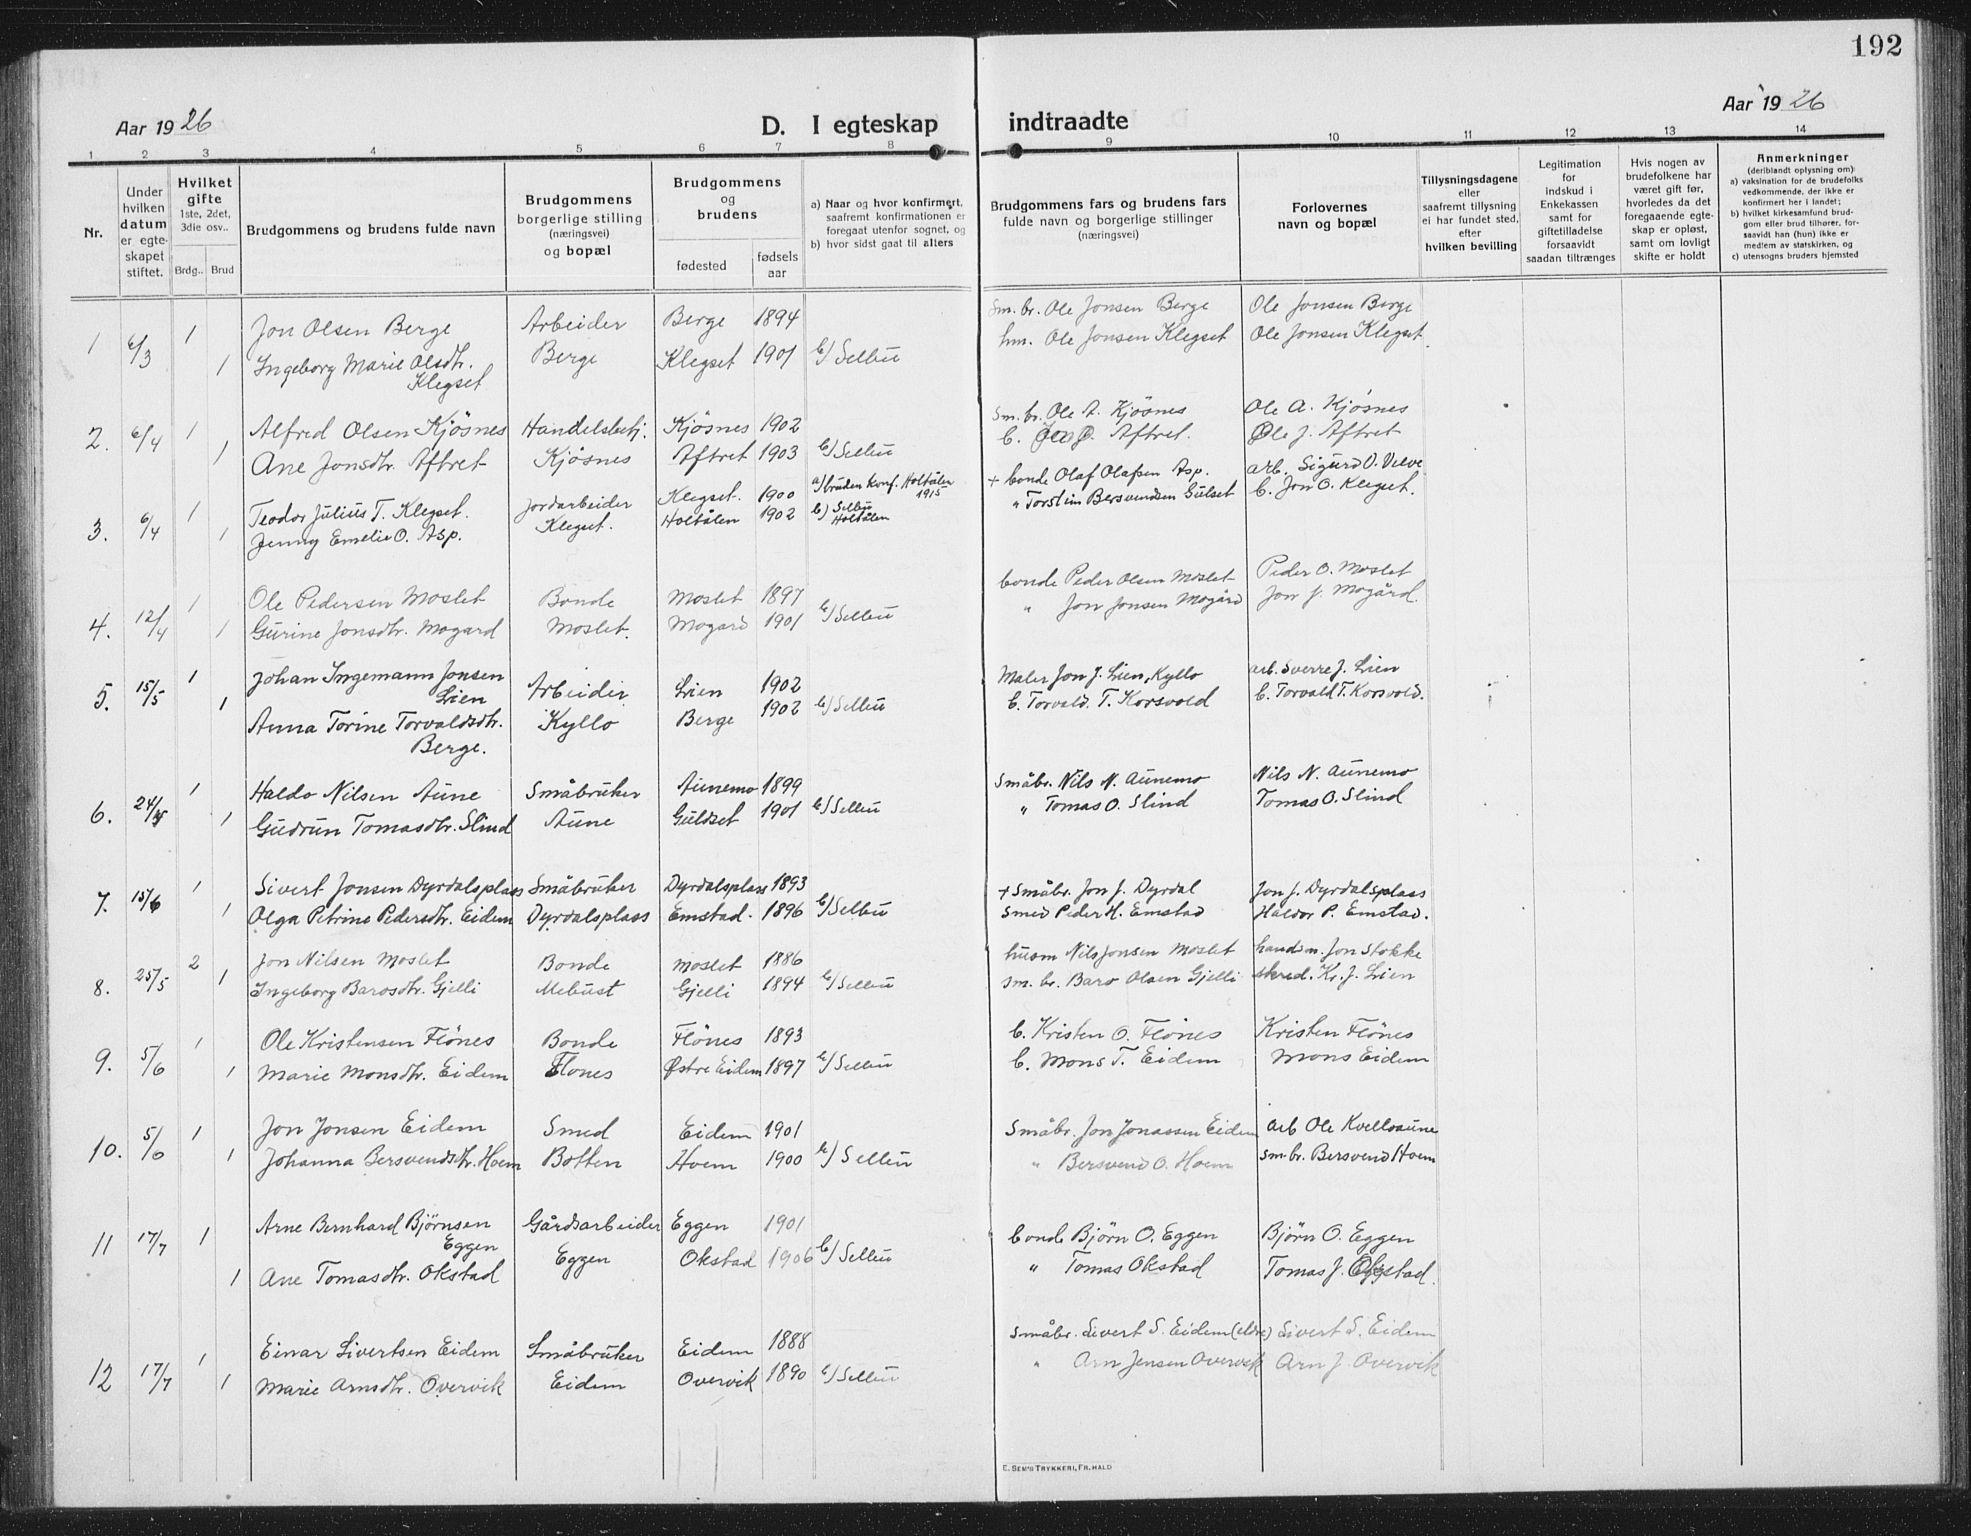 SAT, Ministerialprotokoller, klokkerbøker og fødselsregistre - Sør-Trøndelag, 695/L1158: Klokkerbok nr. 695C09, 1913-1940, s. 192